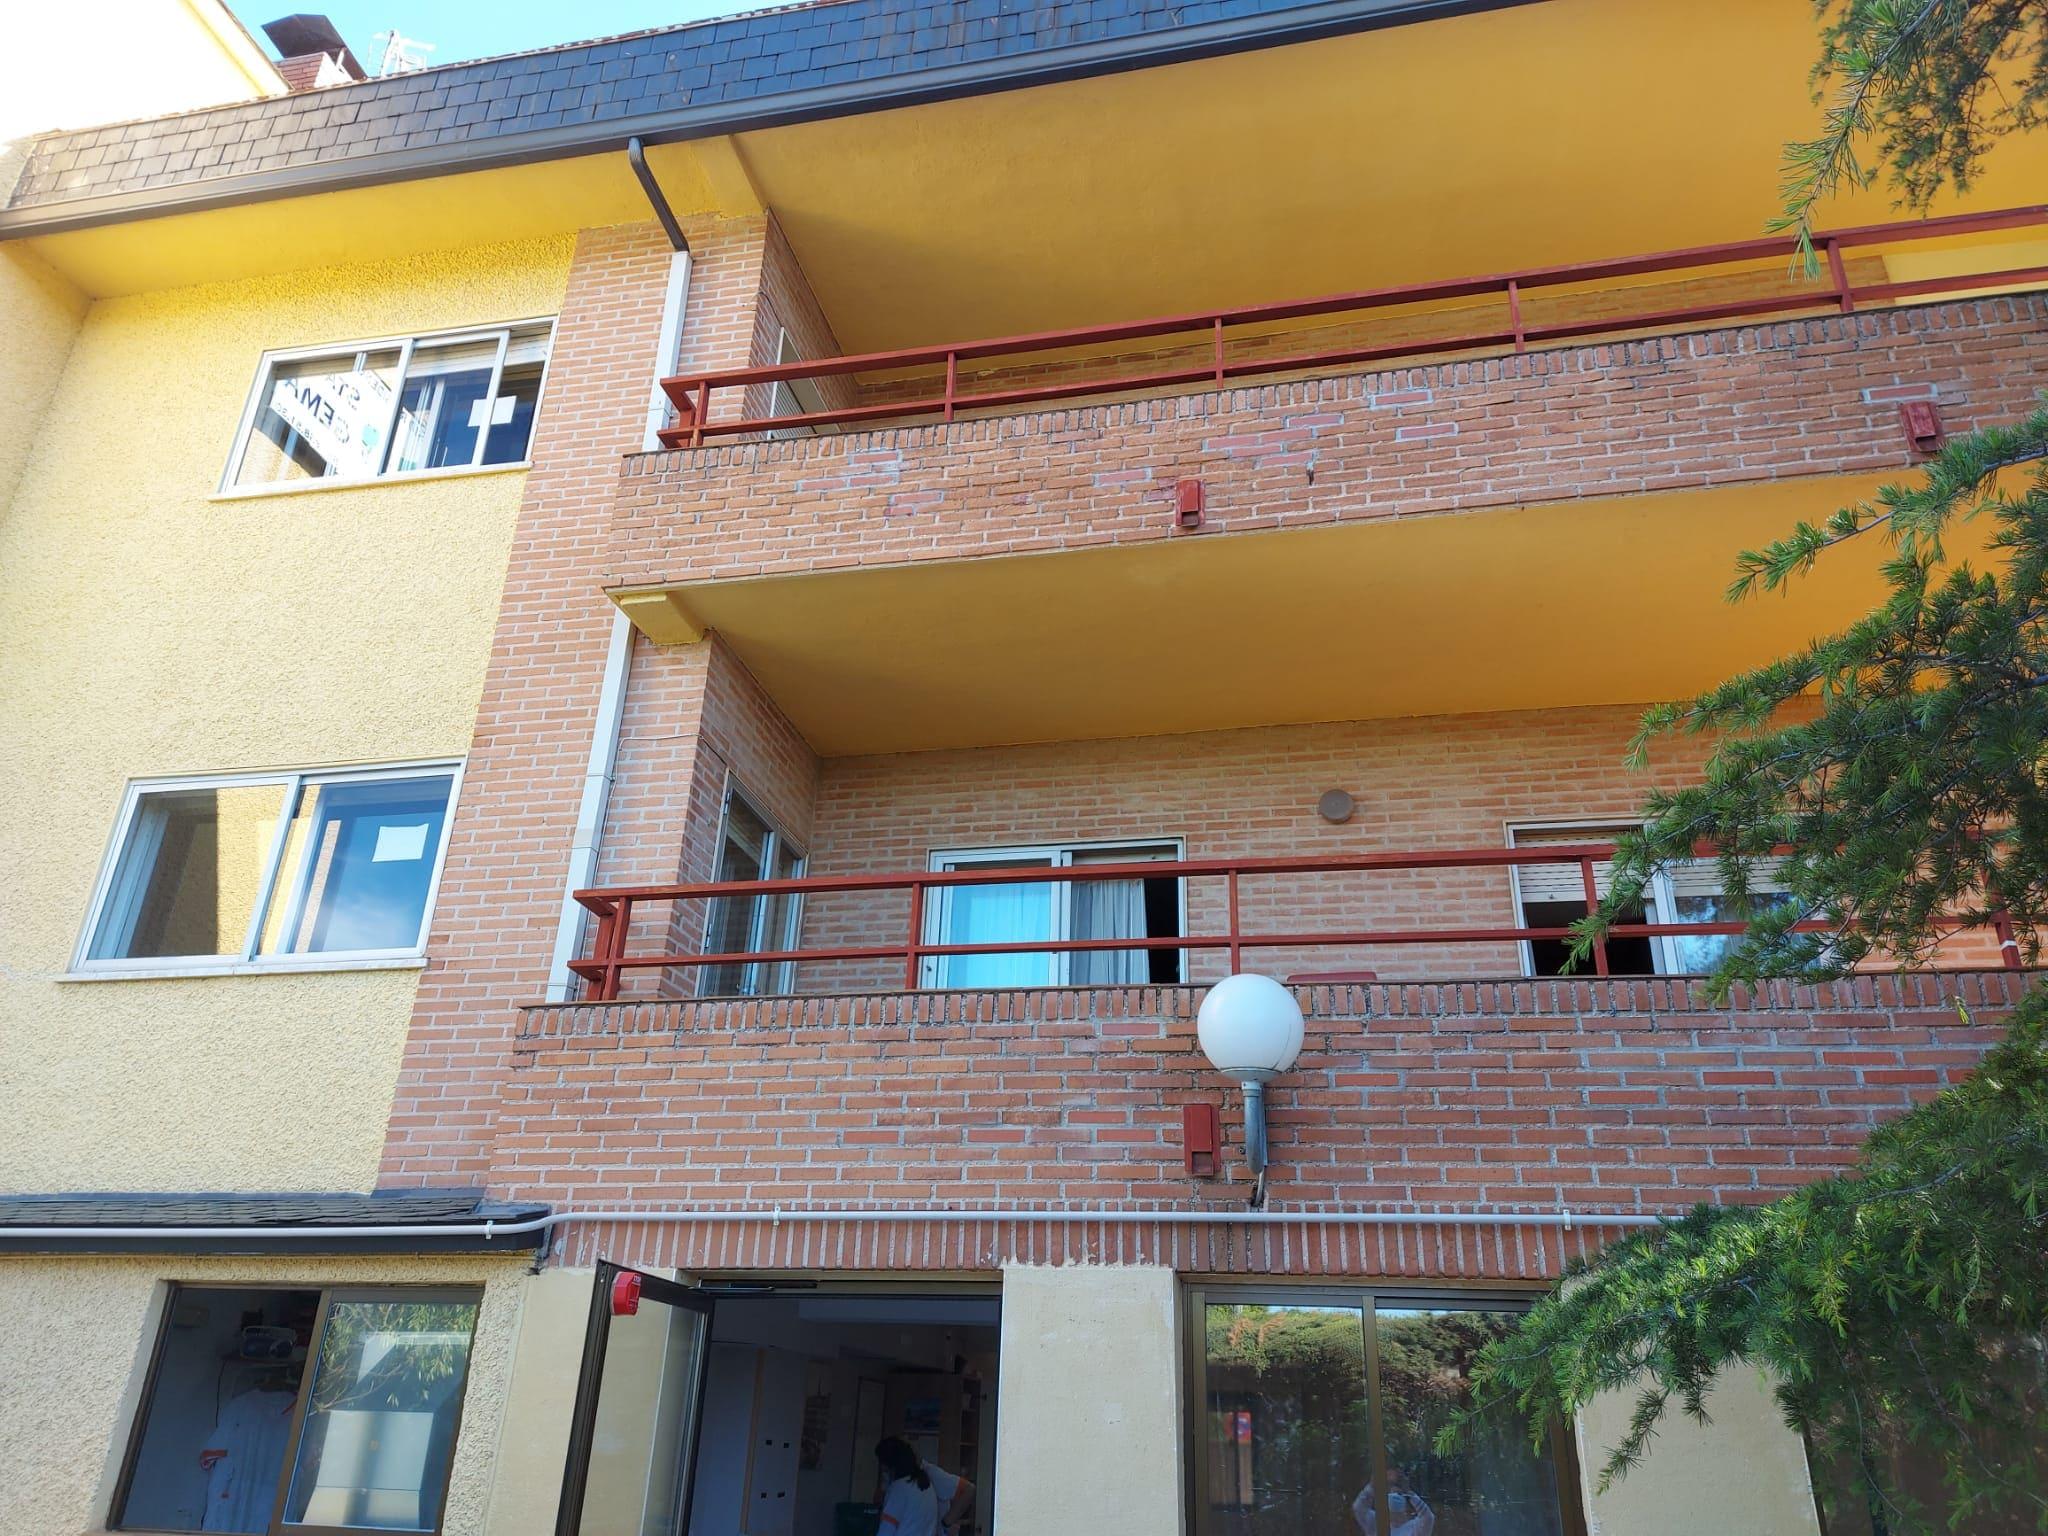 IMG-20210506-WA0026_-_Santagema_Santagema